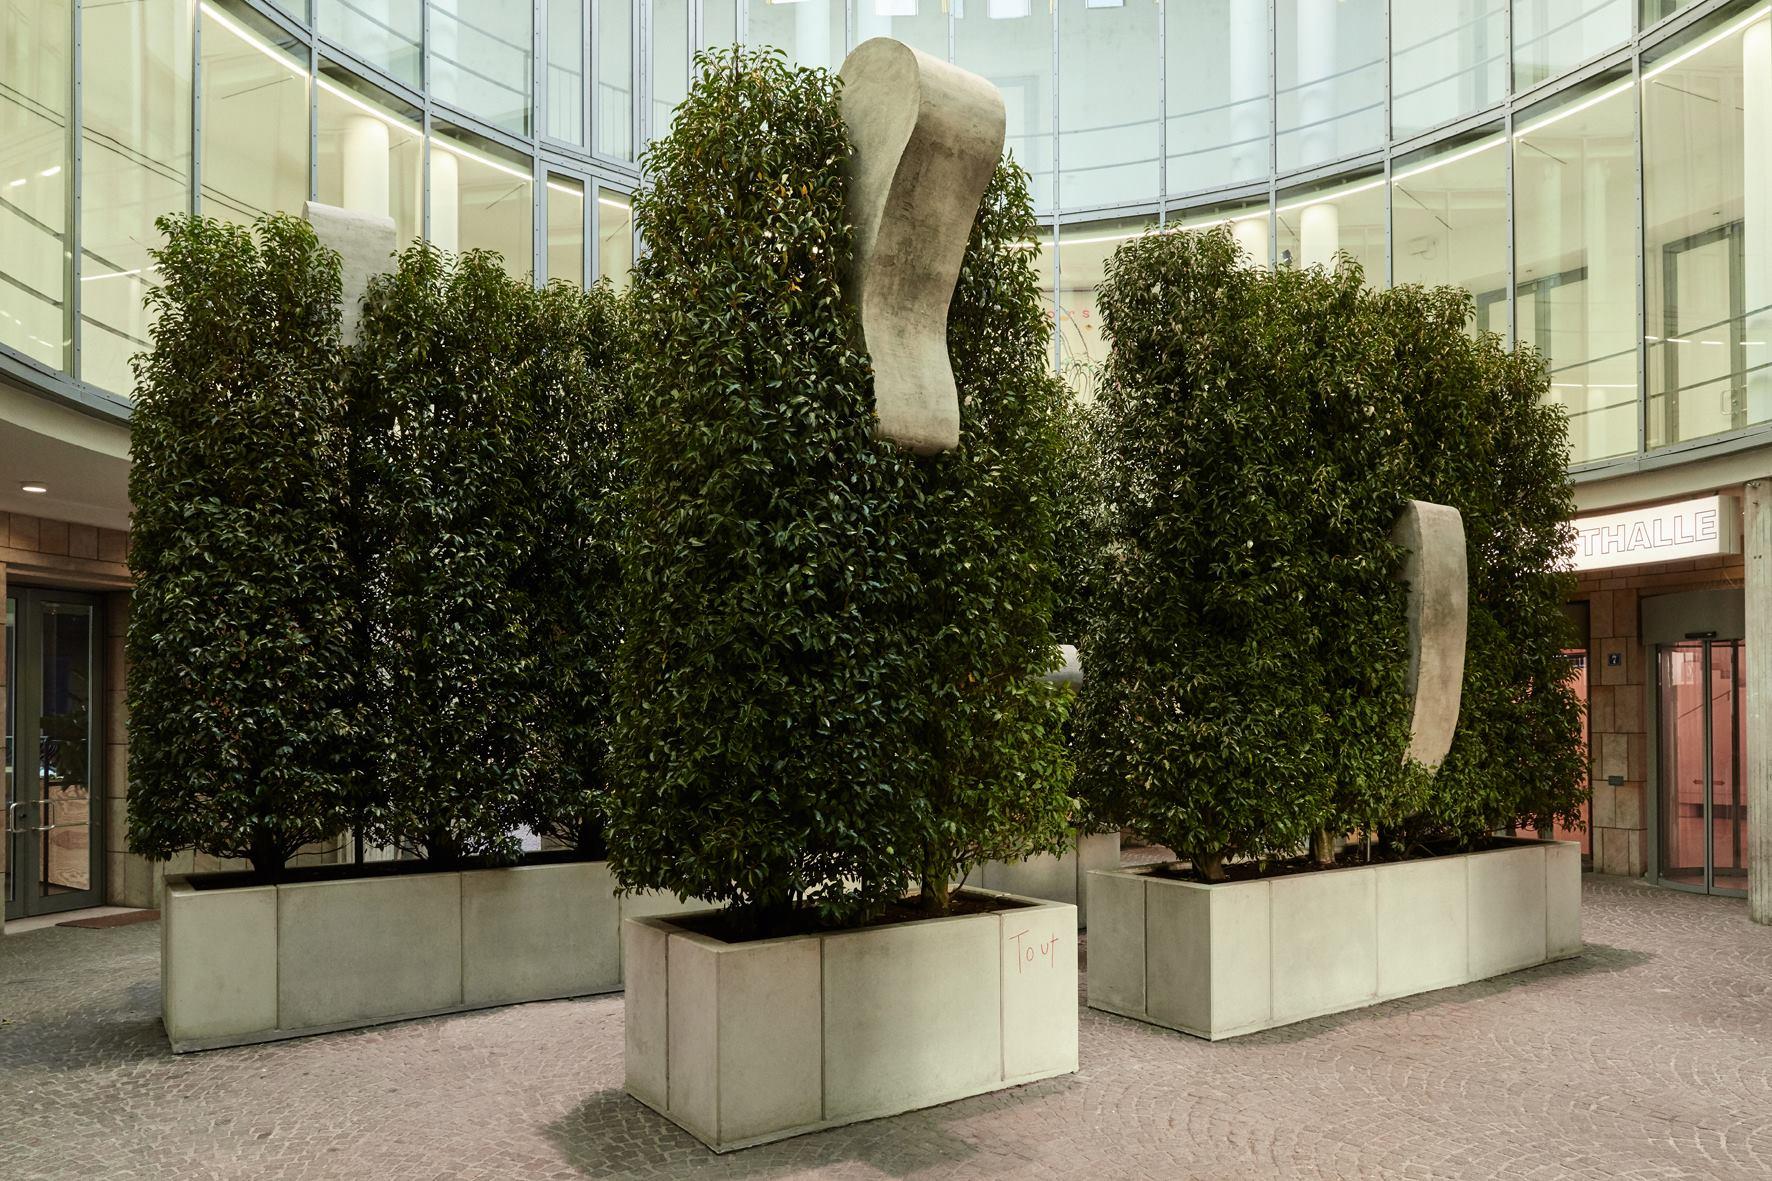 museo-tamayo-jardines